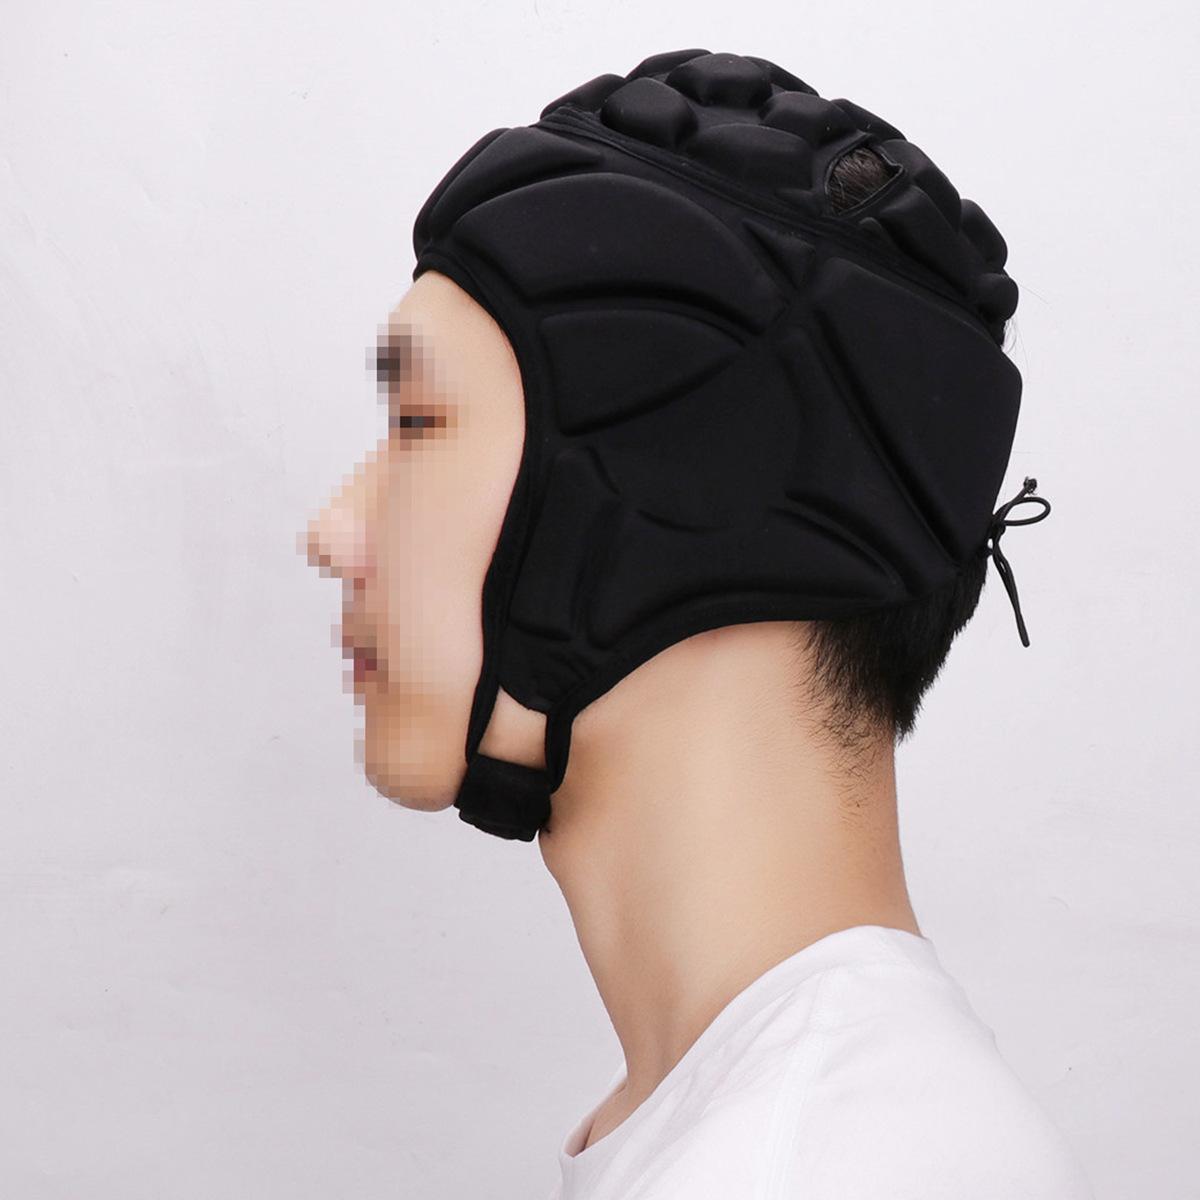 护头运动头盔定制儿童头盔骑行头盔 儿童运动护具体育用品橄榄球